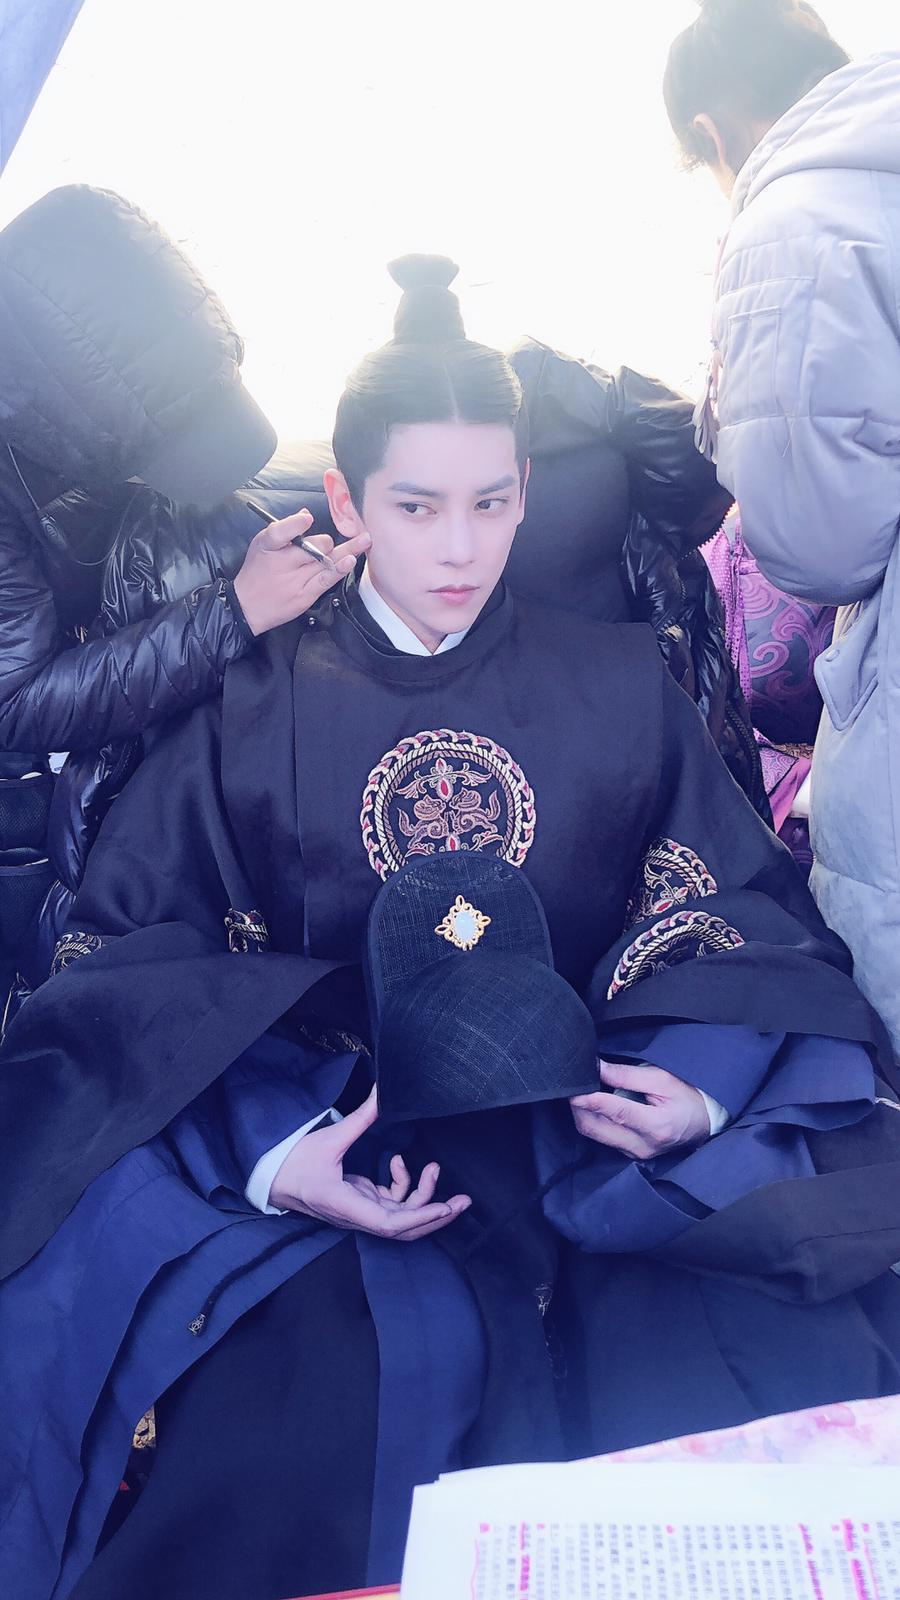 陳柏融拍攝新戲「惹不起的殿下大人」,戲裡飾演二皇子,扮相俊帥冷酷。圖/周子娛樂提...